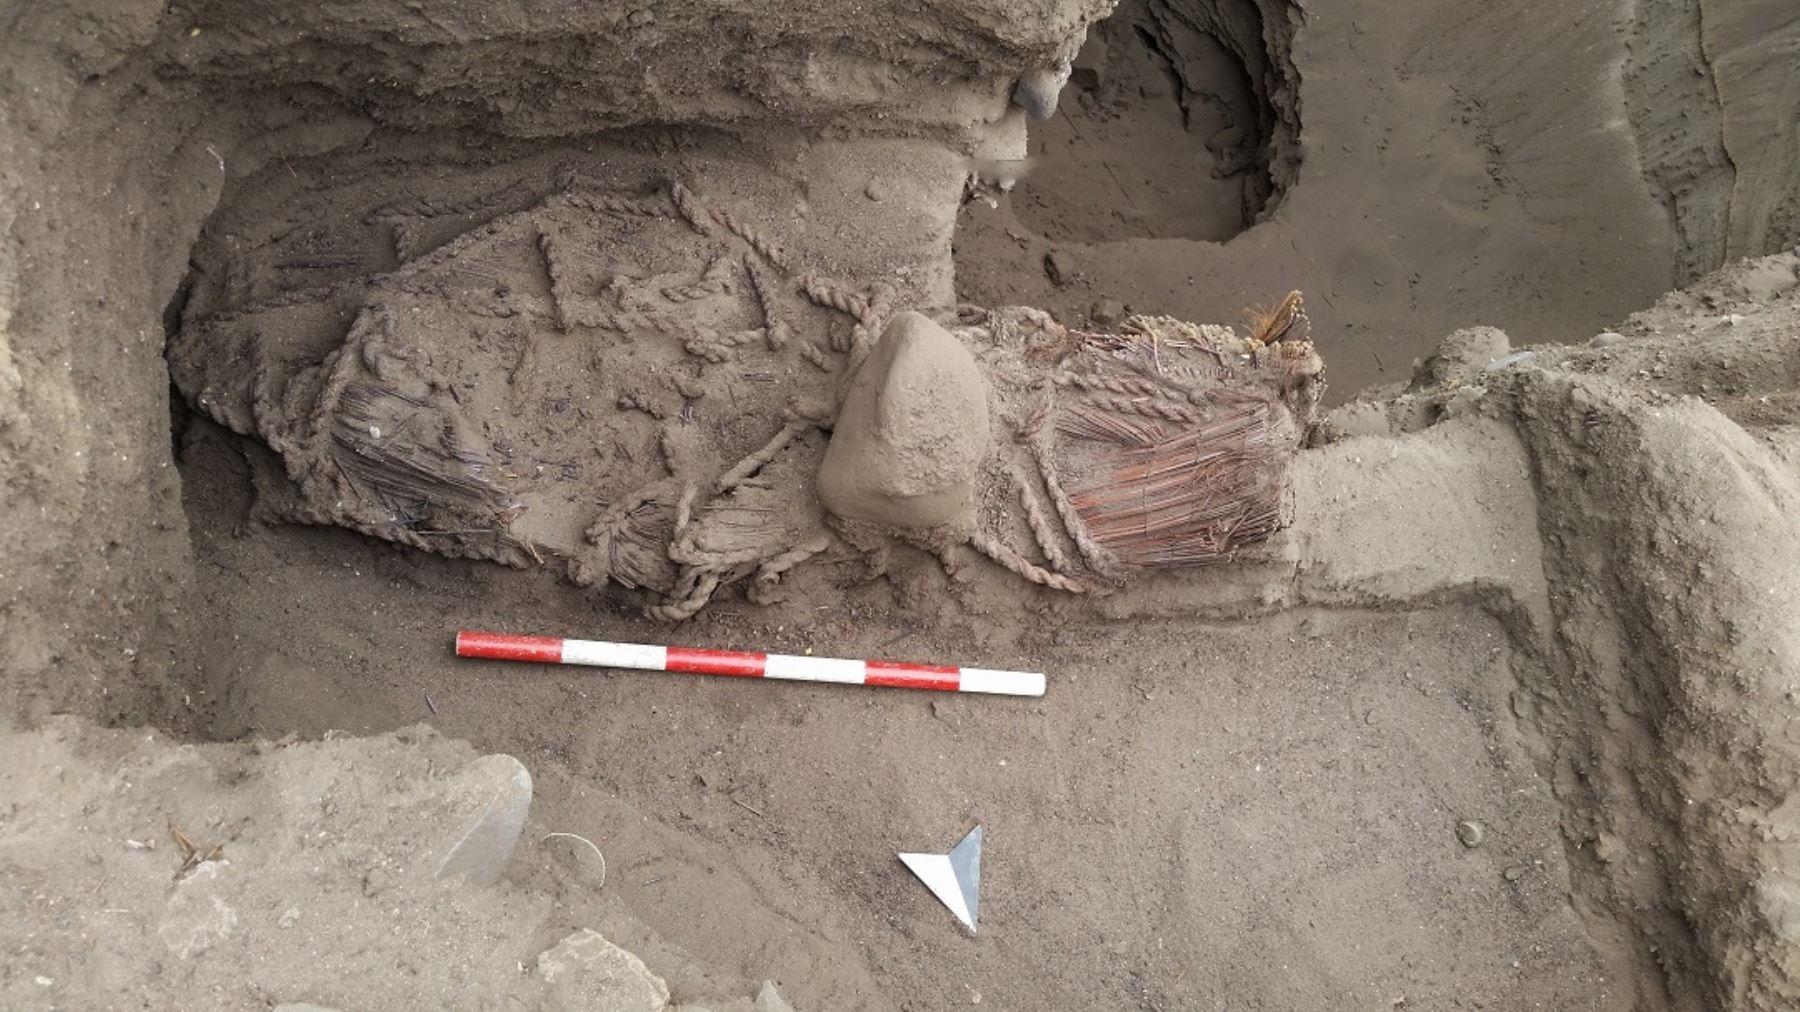 Descubren personaje femenino de élite enterrado hace más de 4,500 años en Áspero, ciudad pesquera de la civilización Caral.